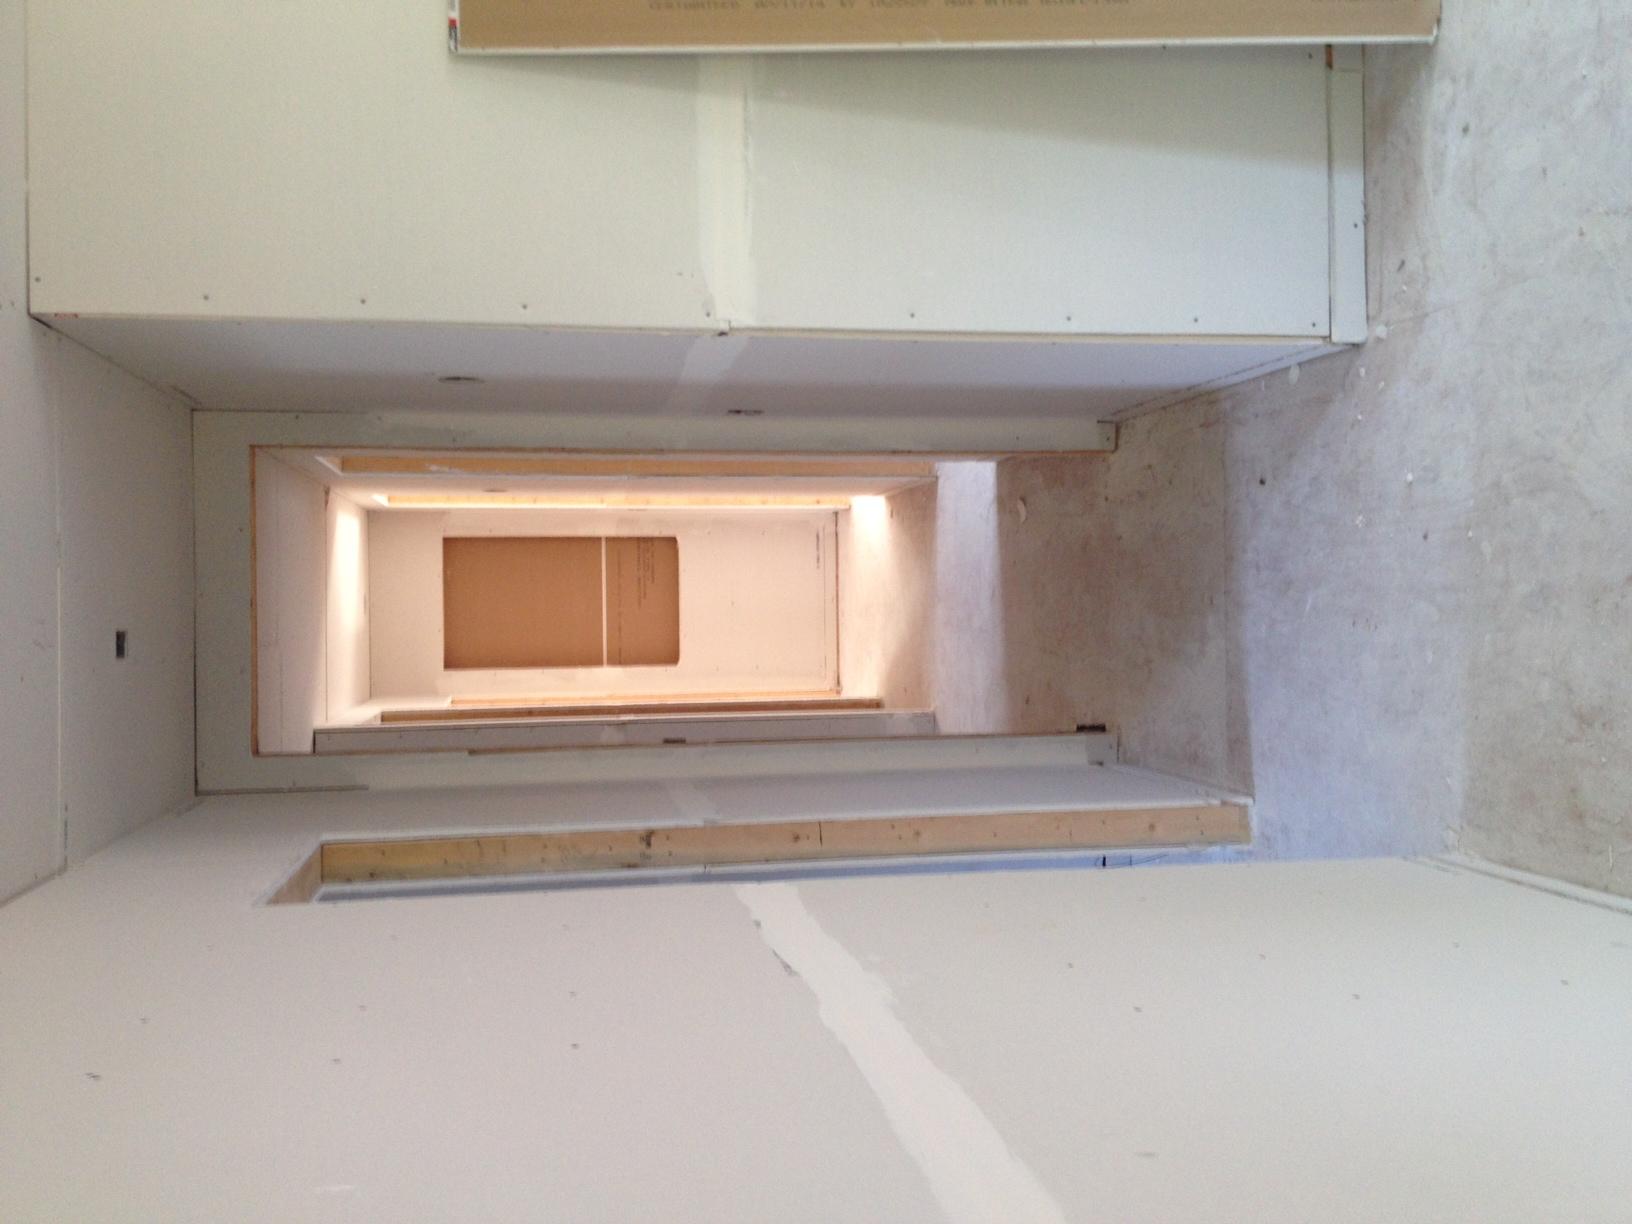 Second_floor_Hallway.JPG